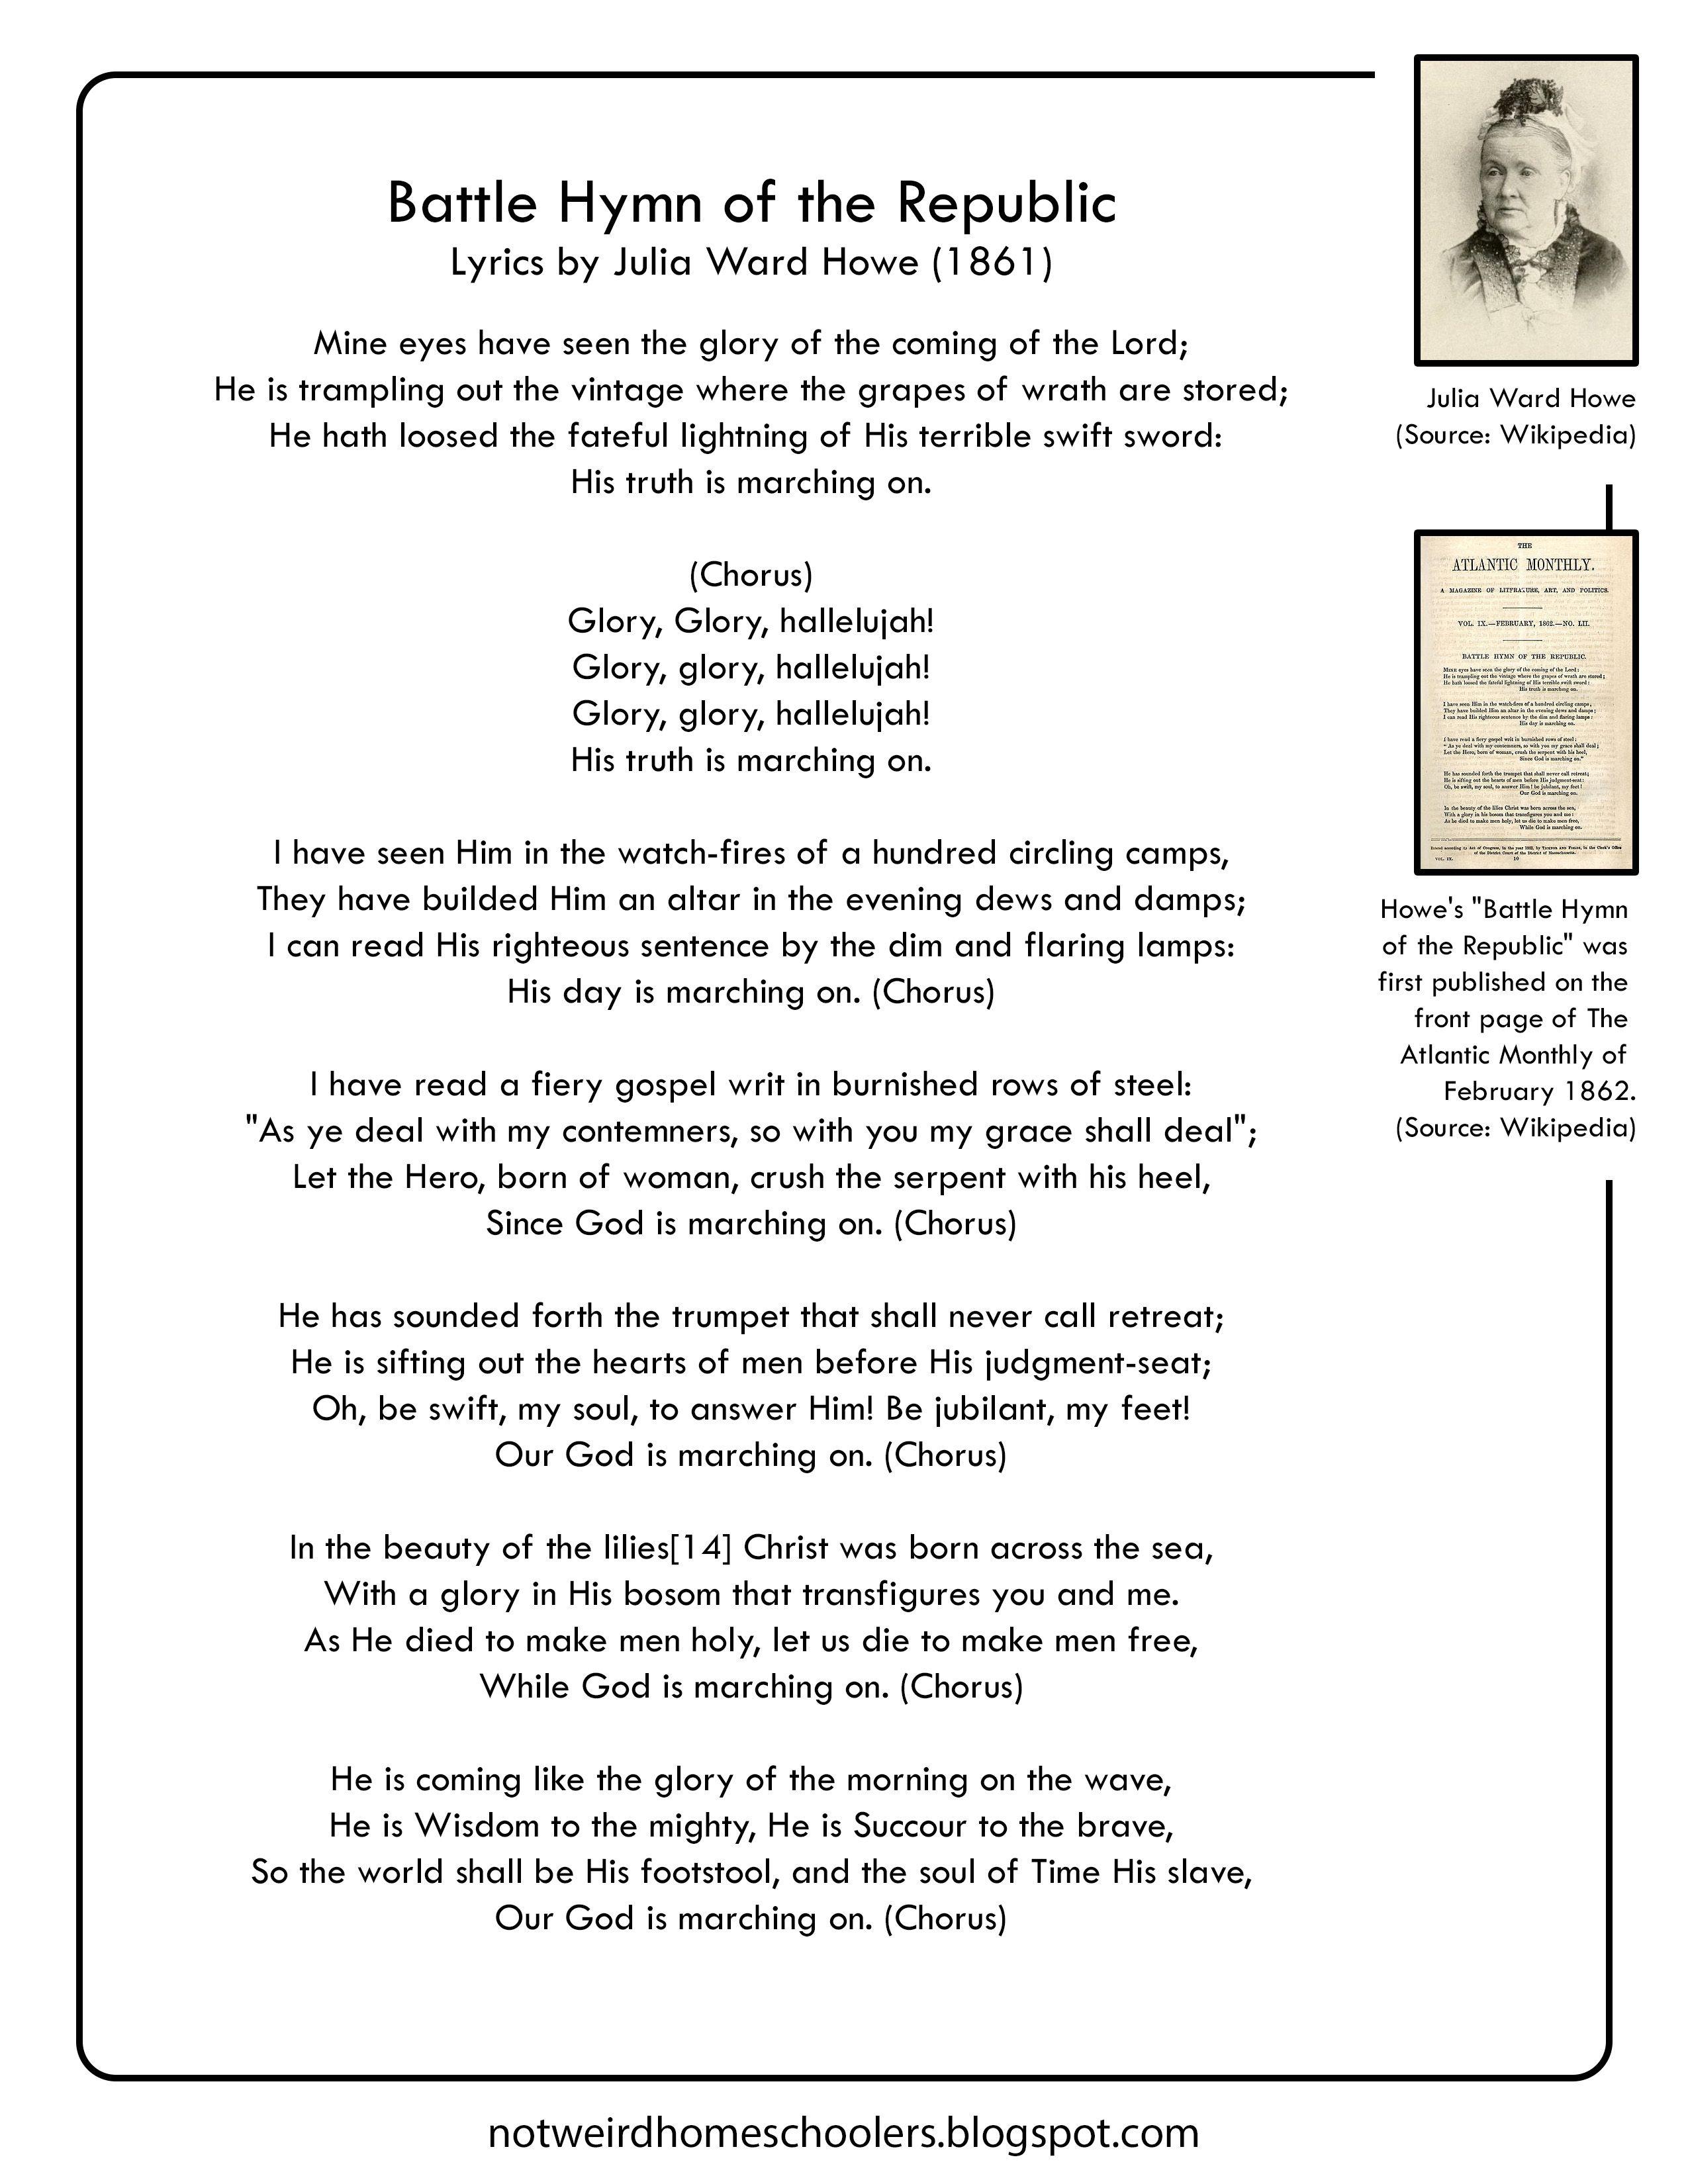 The Battle Hymn Of The Republic By Julia Ward Howe